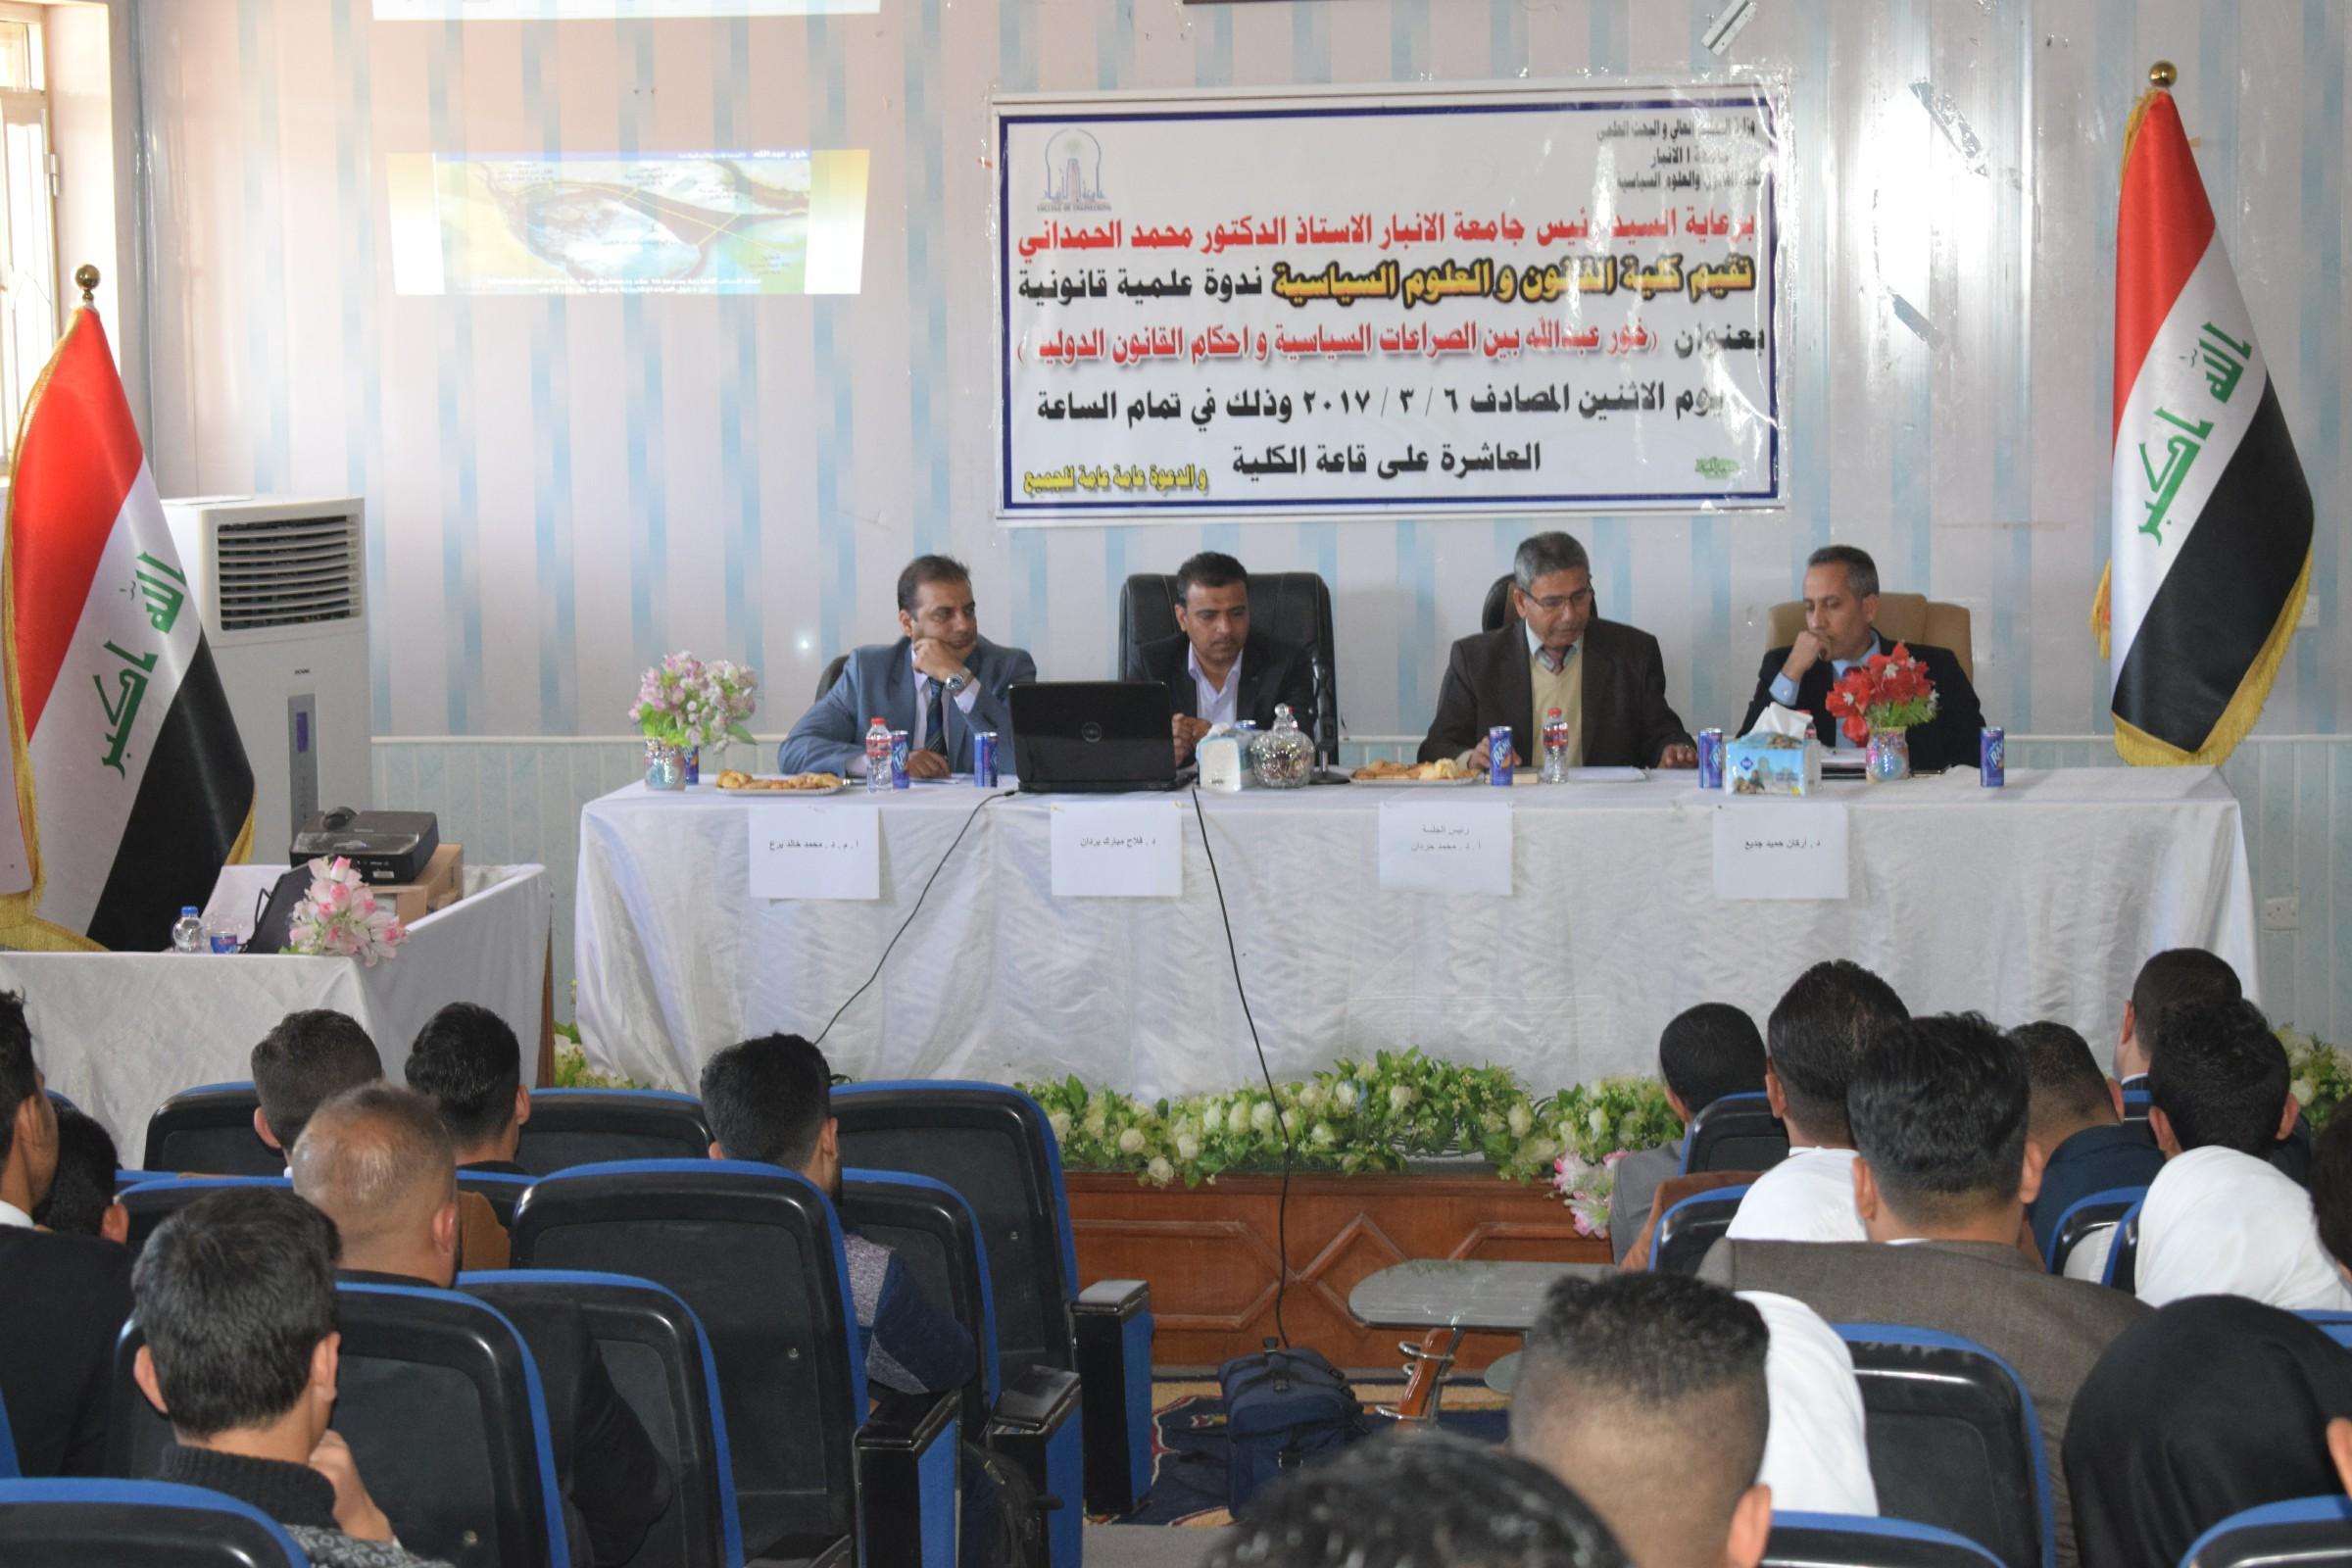 """جامعة الأنبار تعقد ندوة قانونية حول ازمة """"خور عبدالله"""" وتؤكد أن هناك ضرر كبير لحق بالعراق بالاتفاقية"""